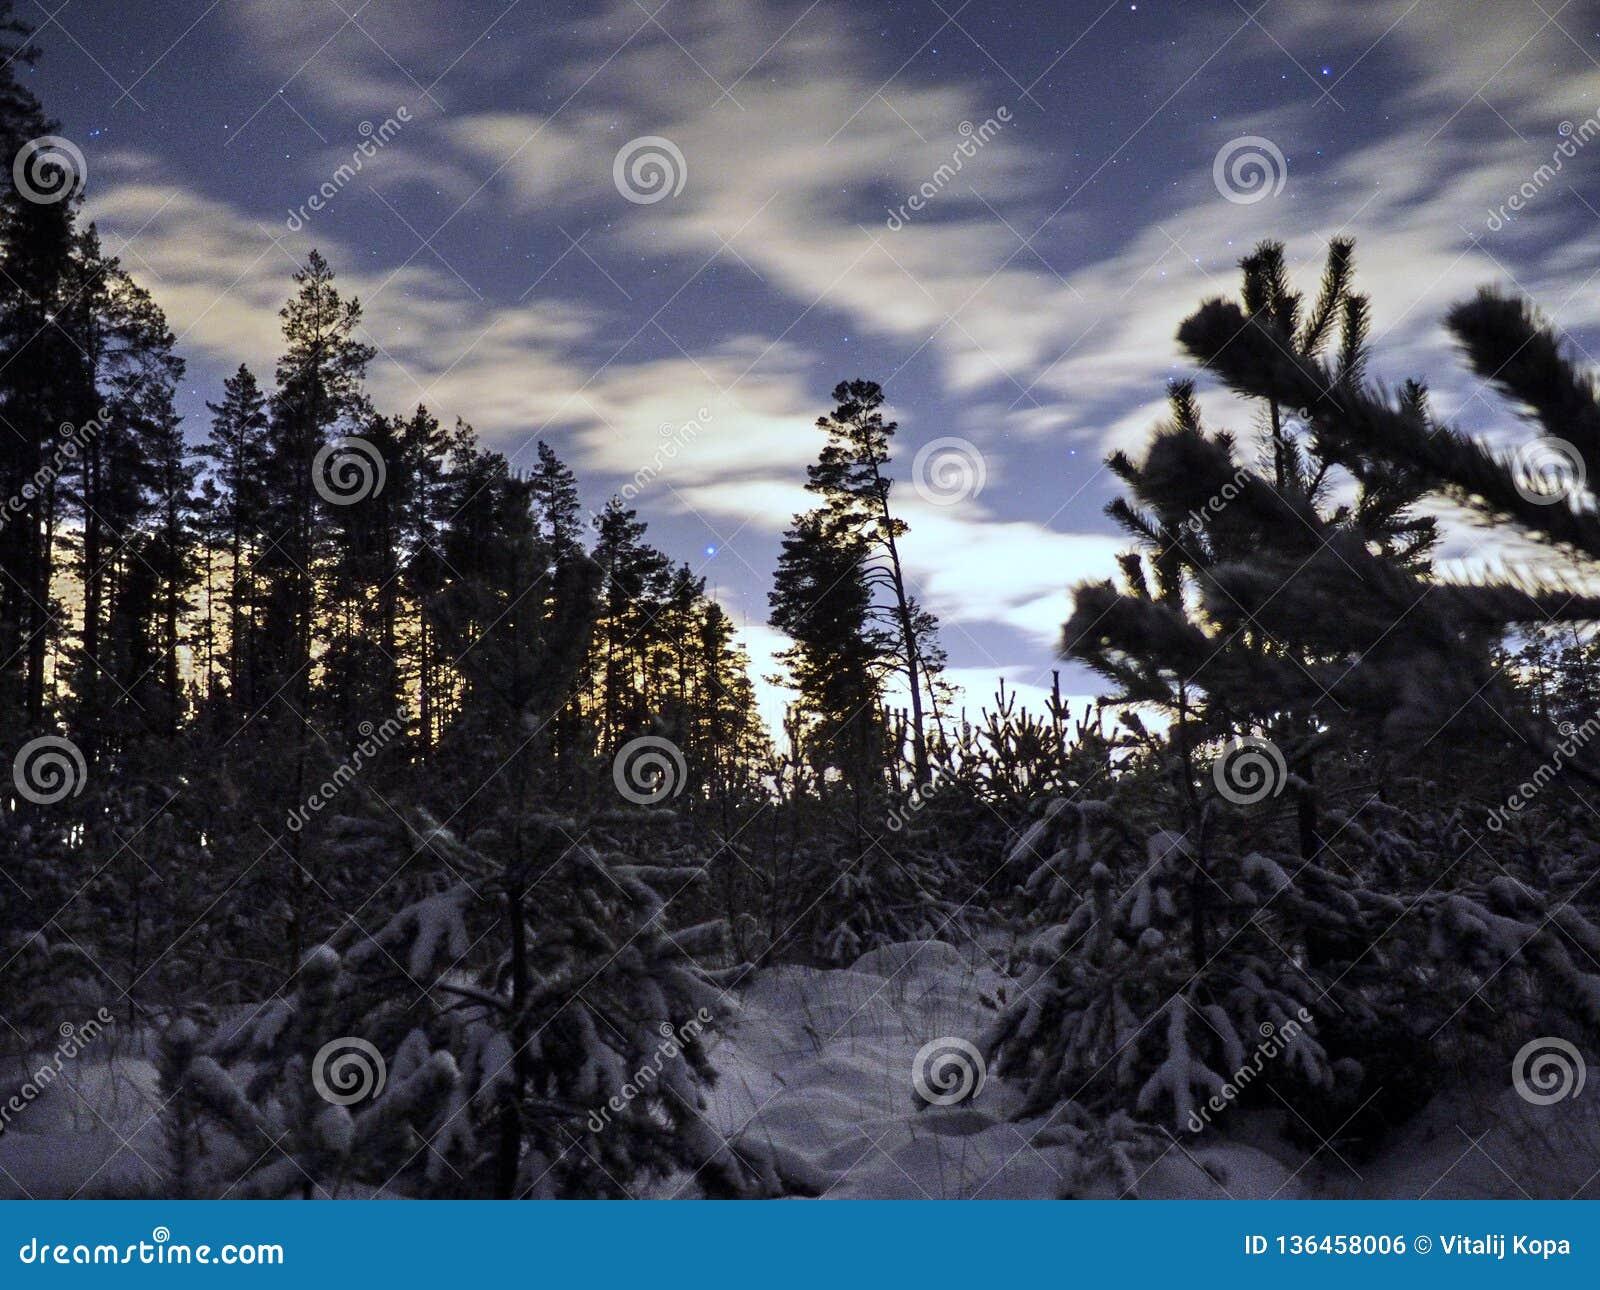 Sirius-Stern auf nächtlichem Himmel und Schnee im Winterwald